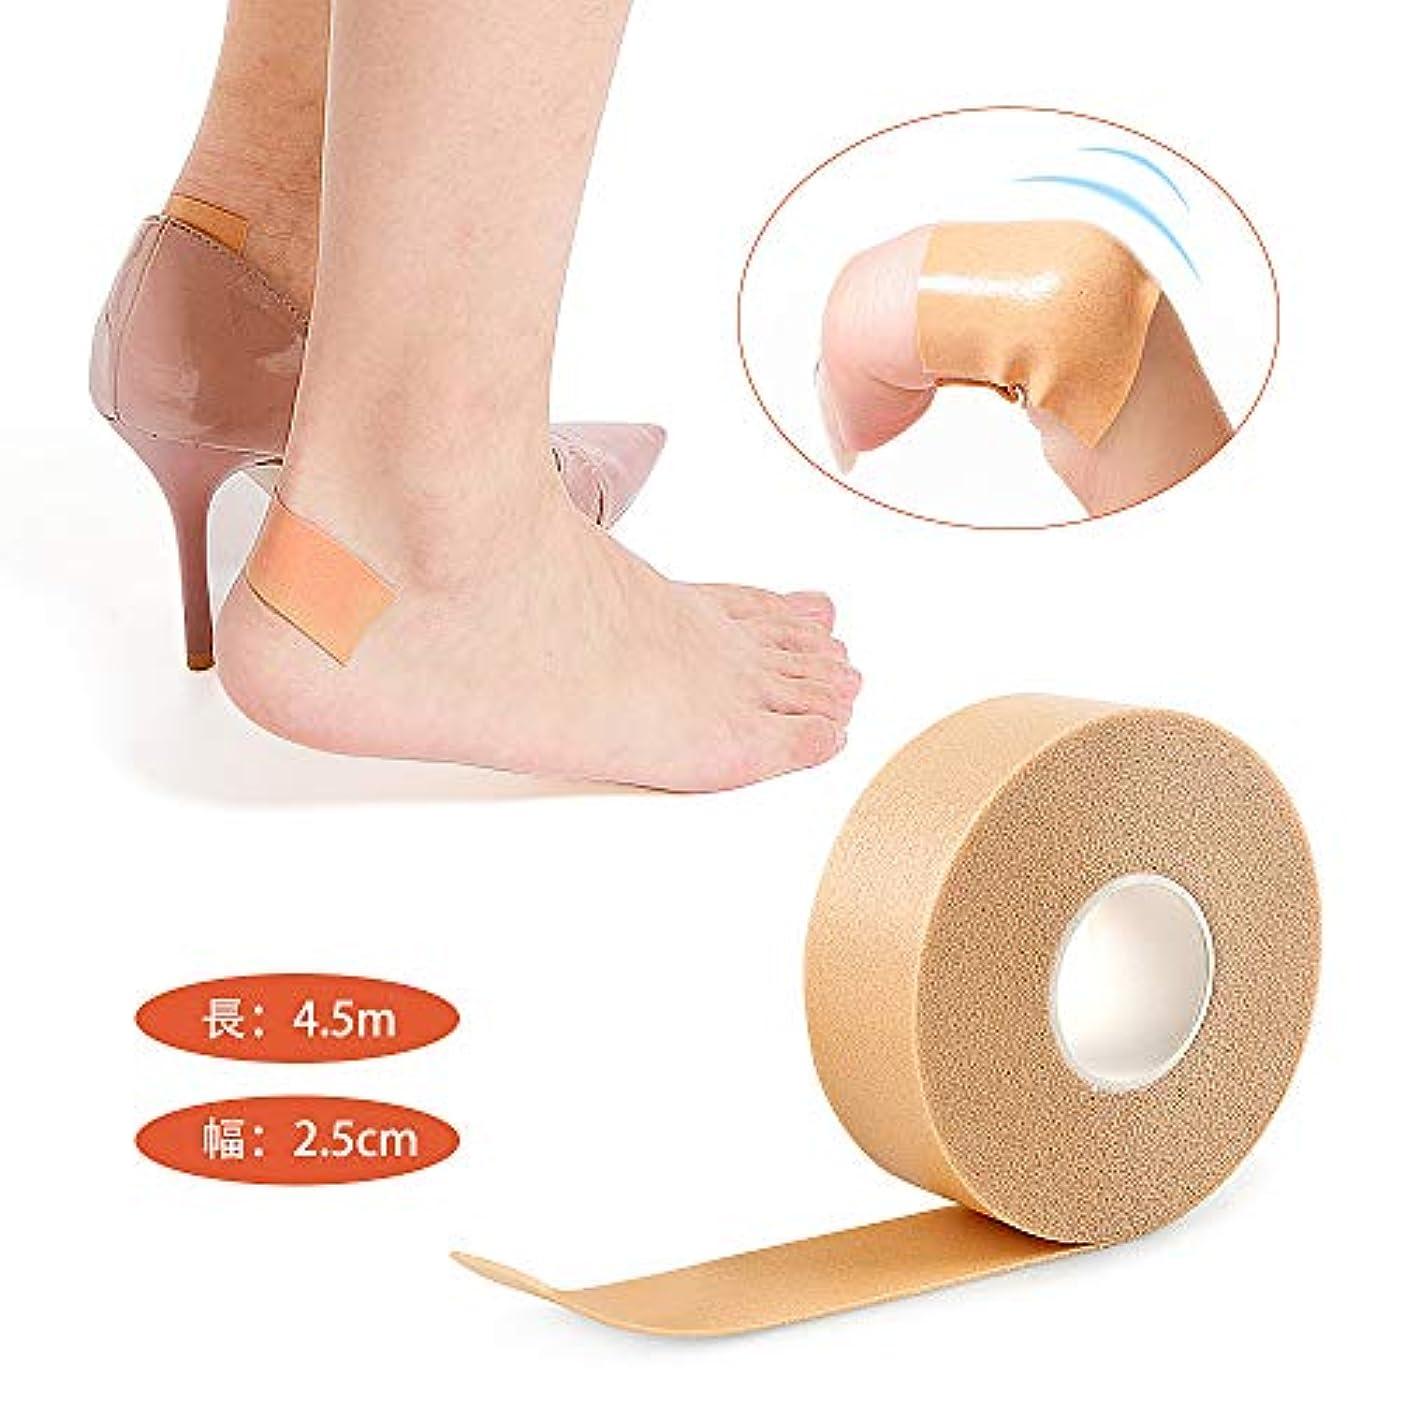 分析的公爵夫人執着Azue 靴擦れ防止パッド かかとパッド 靴ずれ予防テープ テープ 防水素材 粘着 幅2.5cm×長4.5m 保護テープ 足用保護パッド 男女兼用